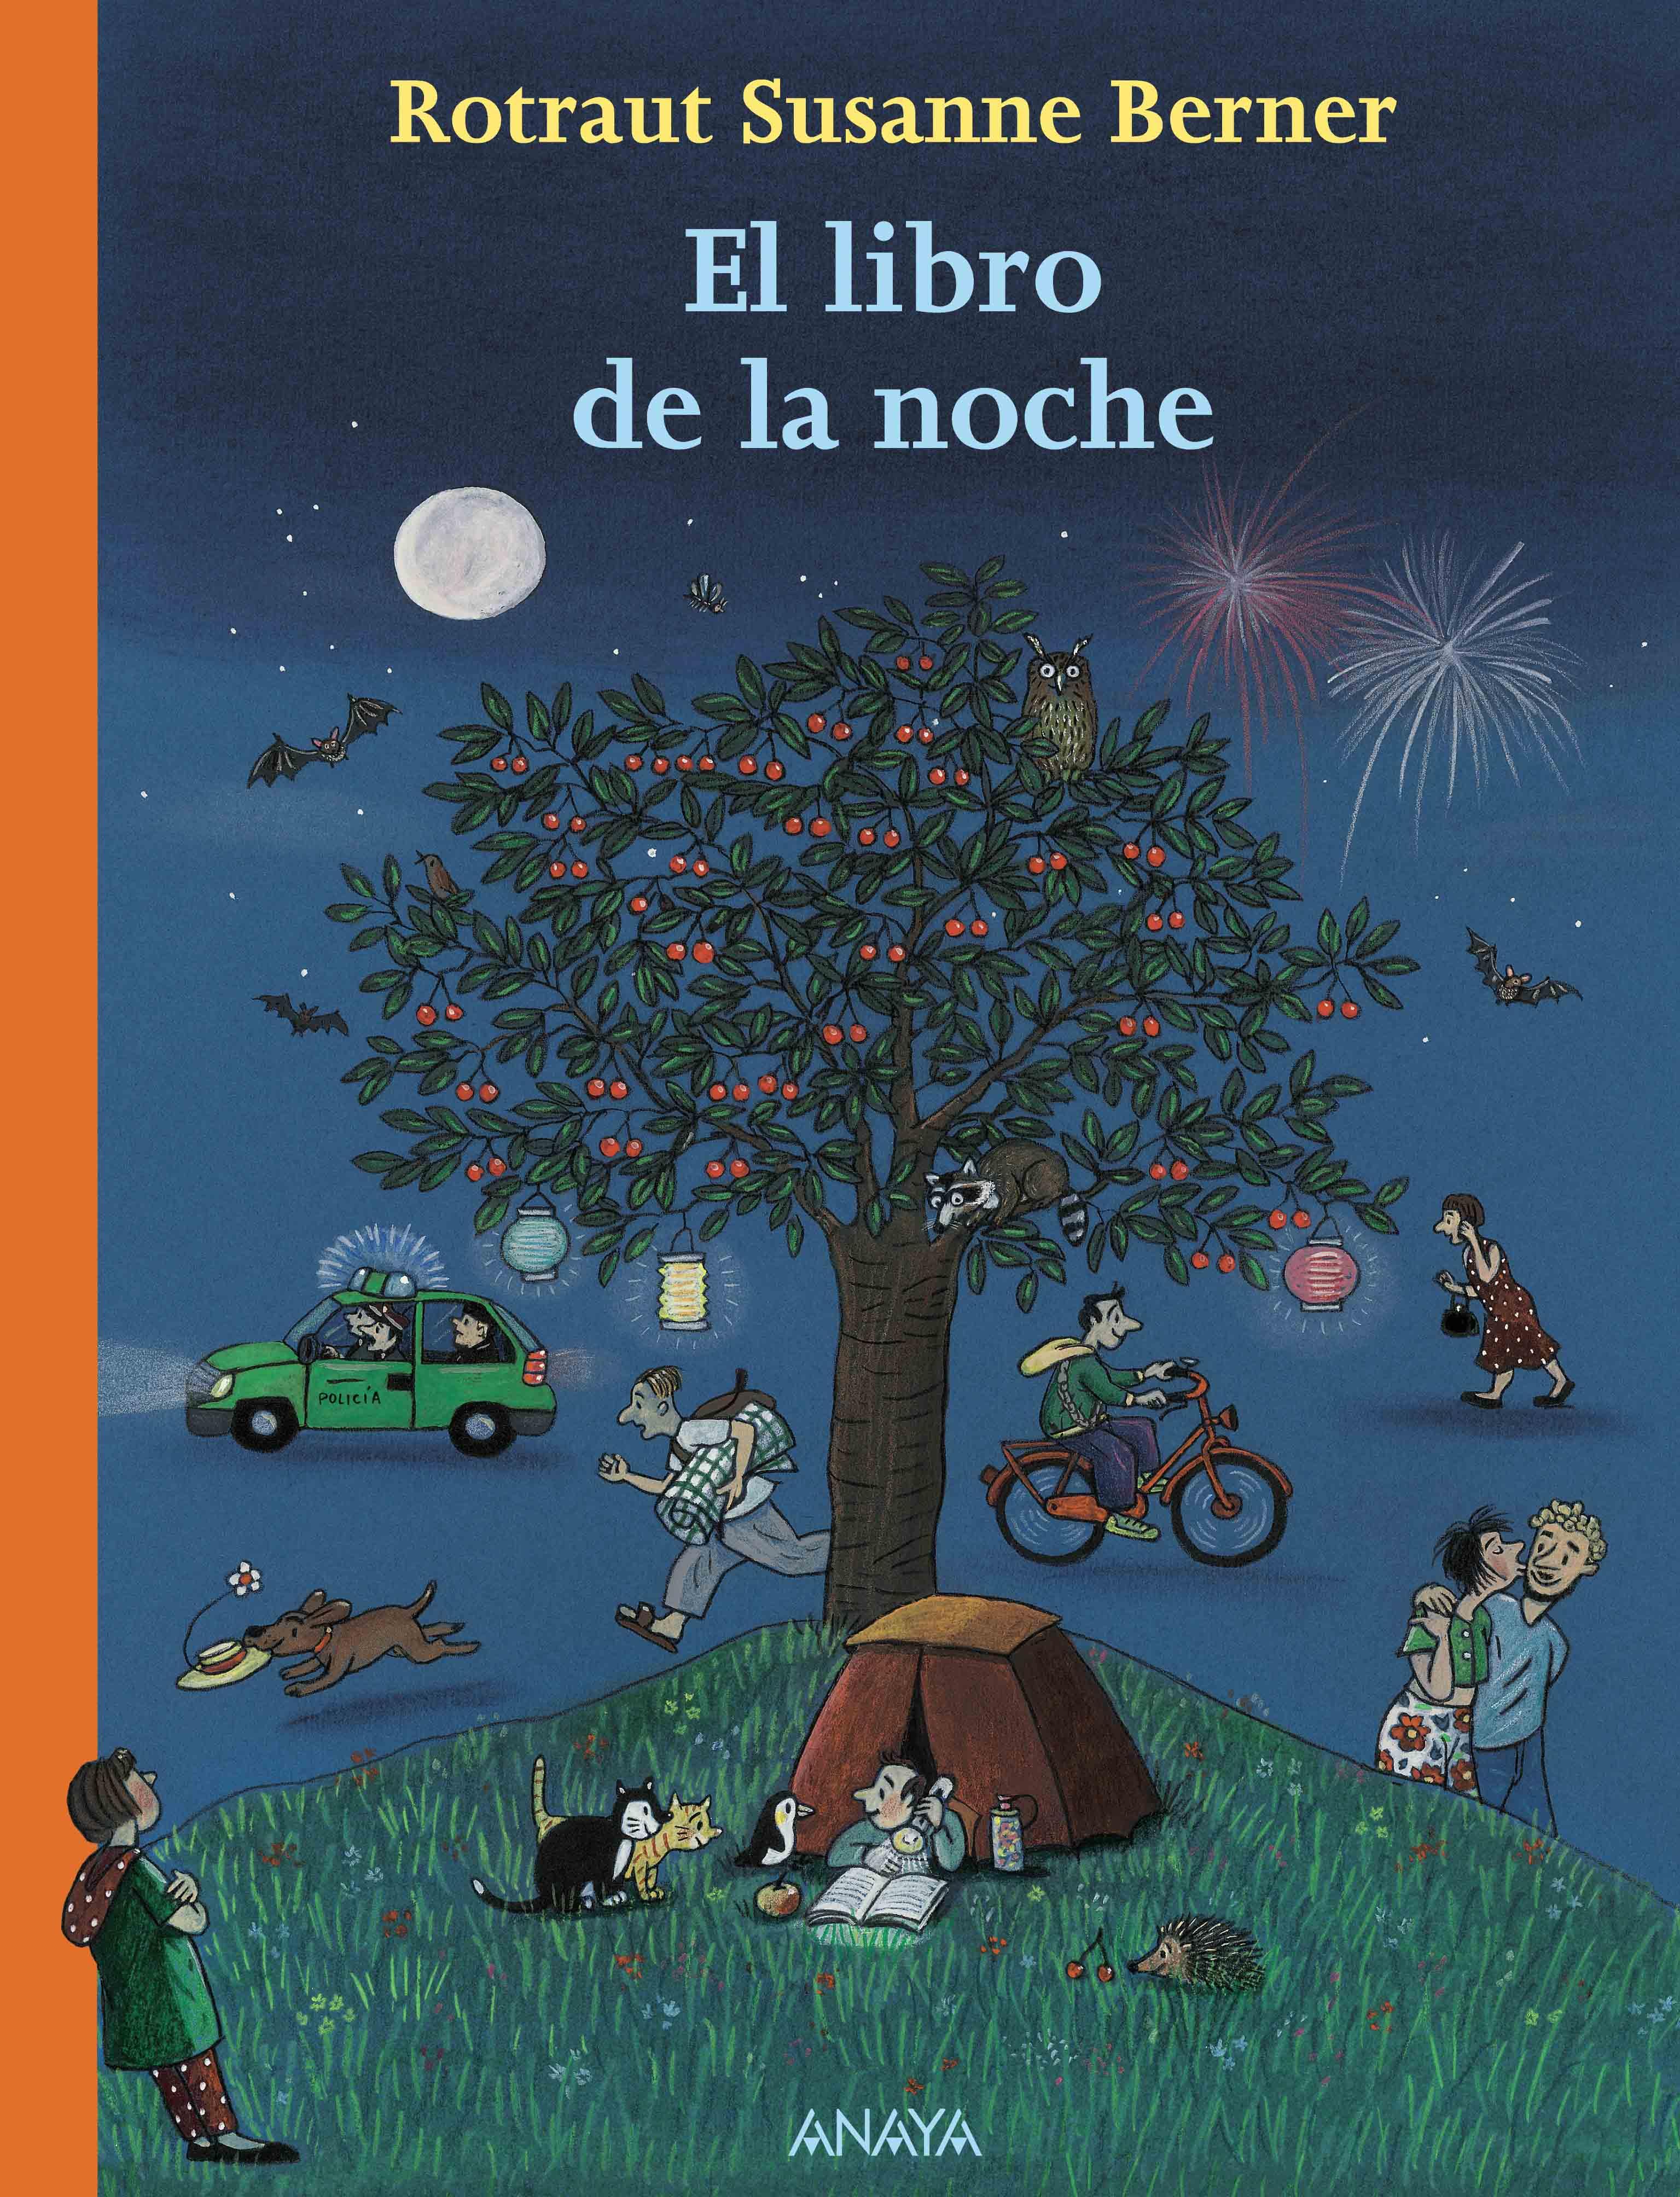 El libro d ela noche